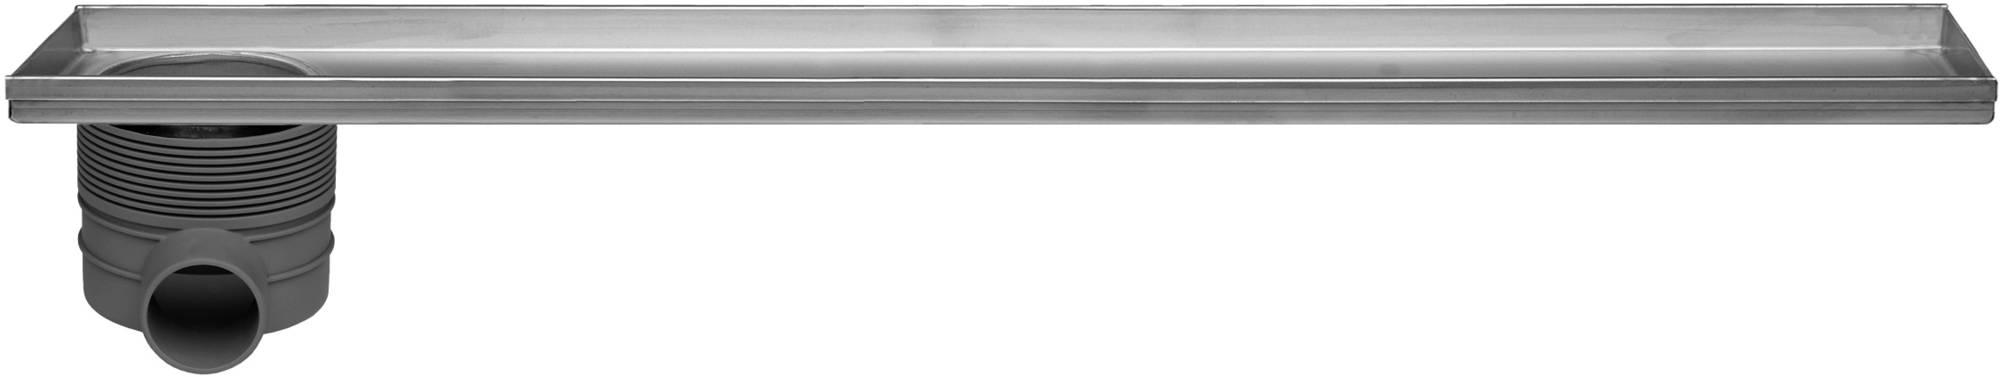 Easydrain Multi inbouwdeel 9x90 cm, met zij uitloop, rvs